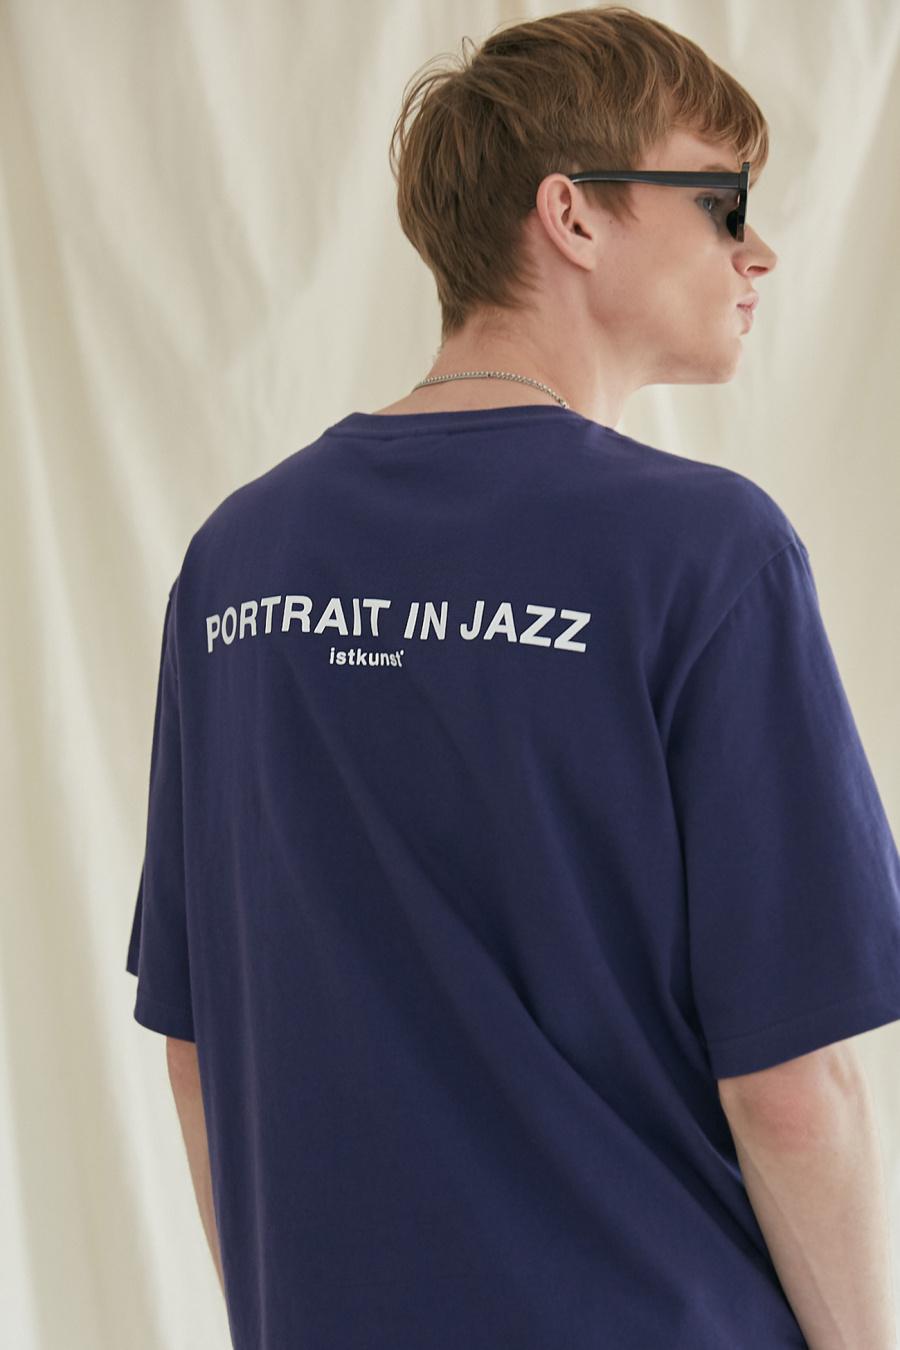 이스트쿤스트(IST KUNST) 포트레이트 인 재즈 티셔츠_퍼플(IK1JMMT515A)